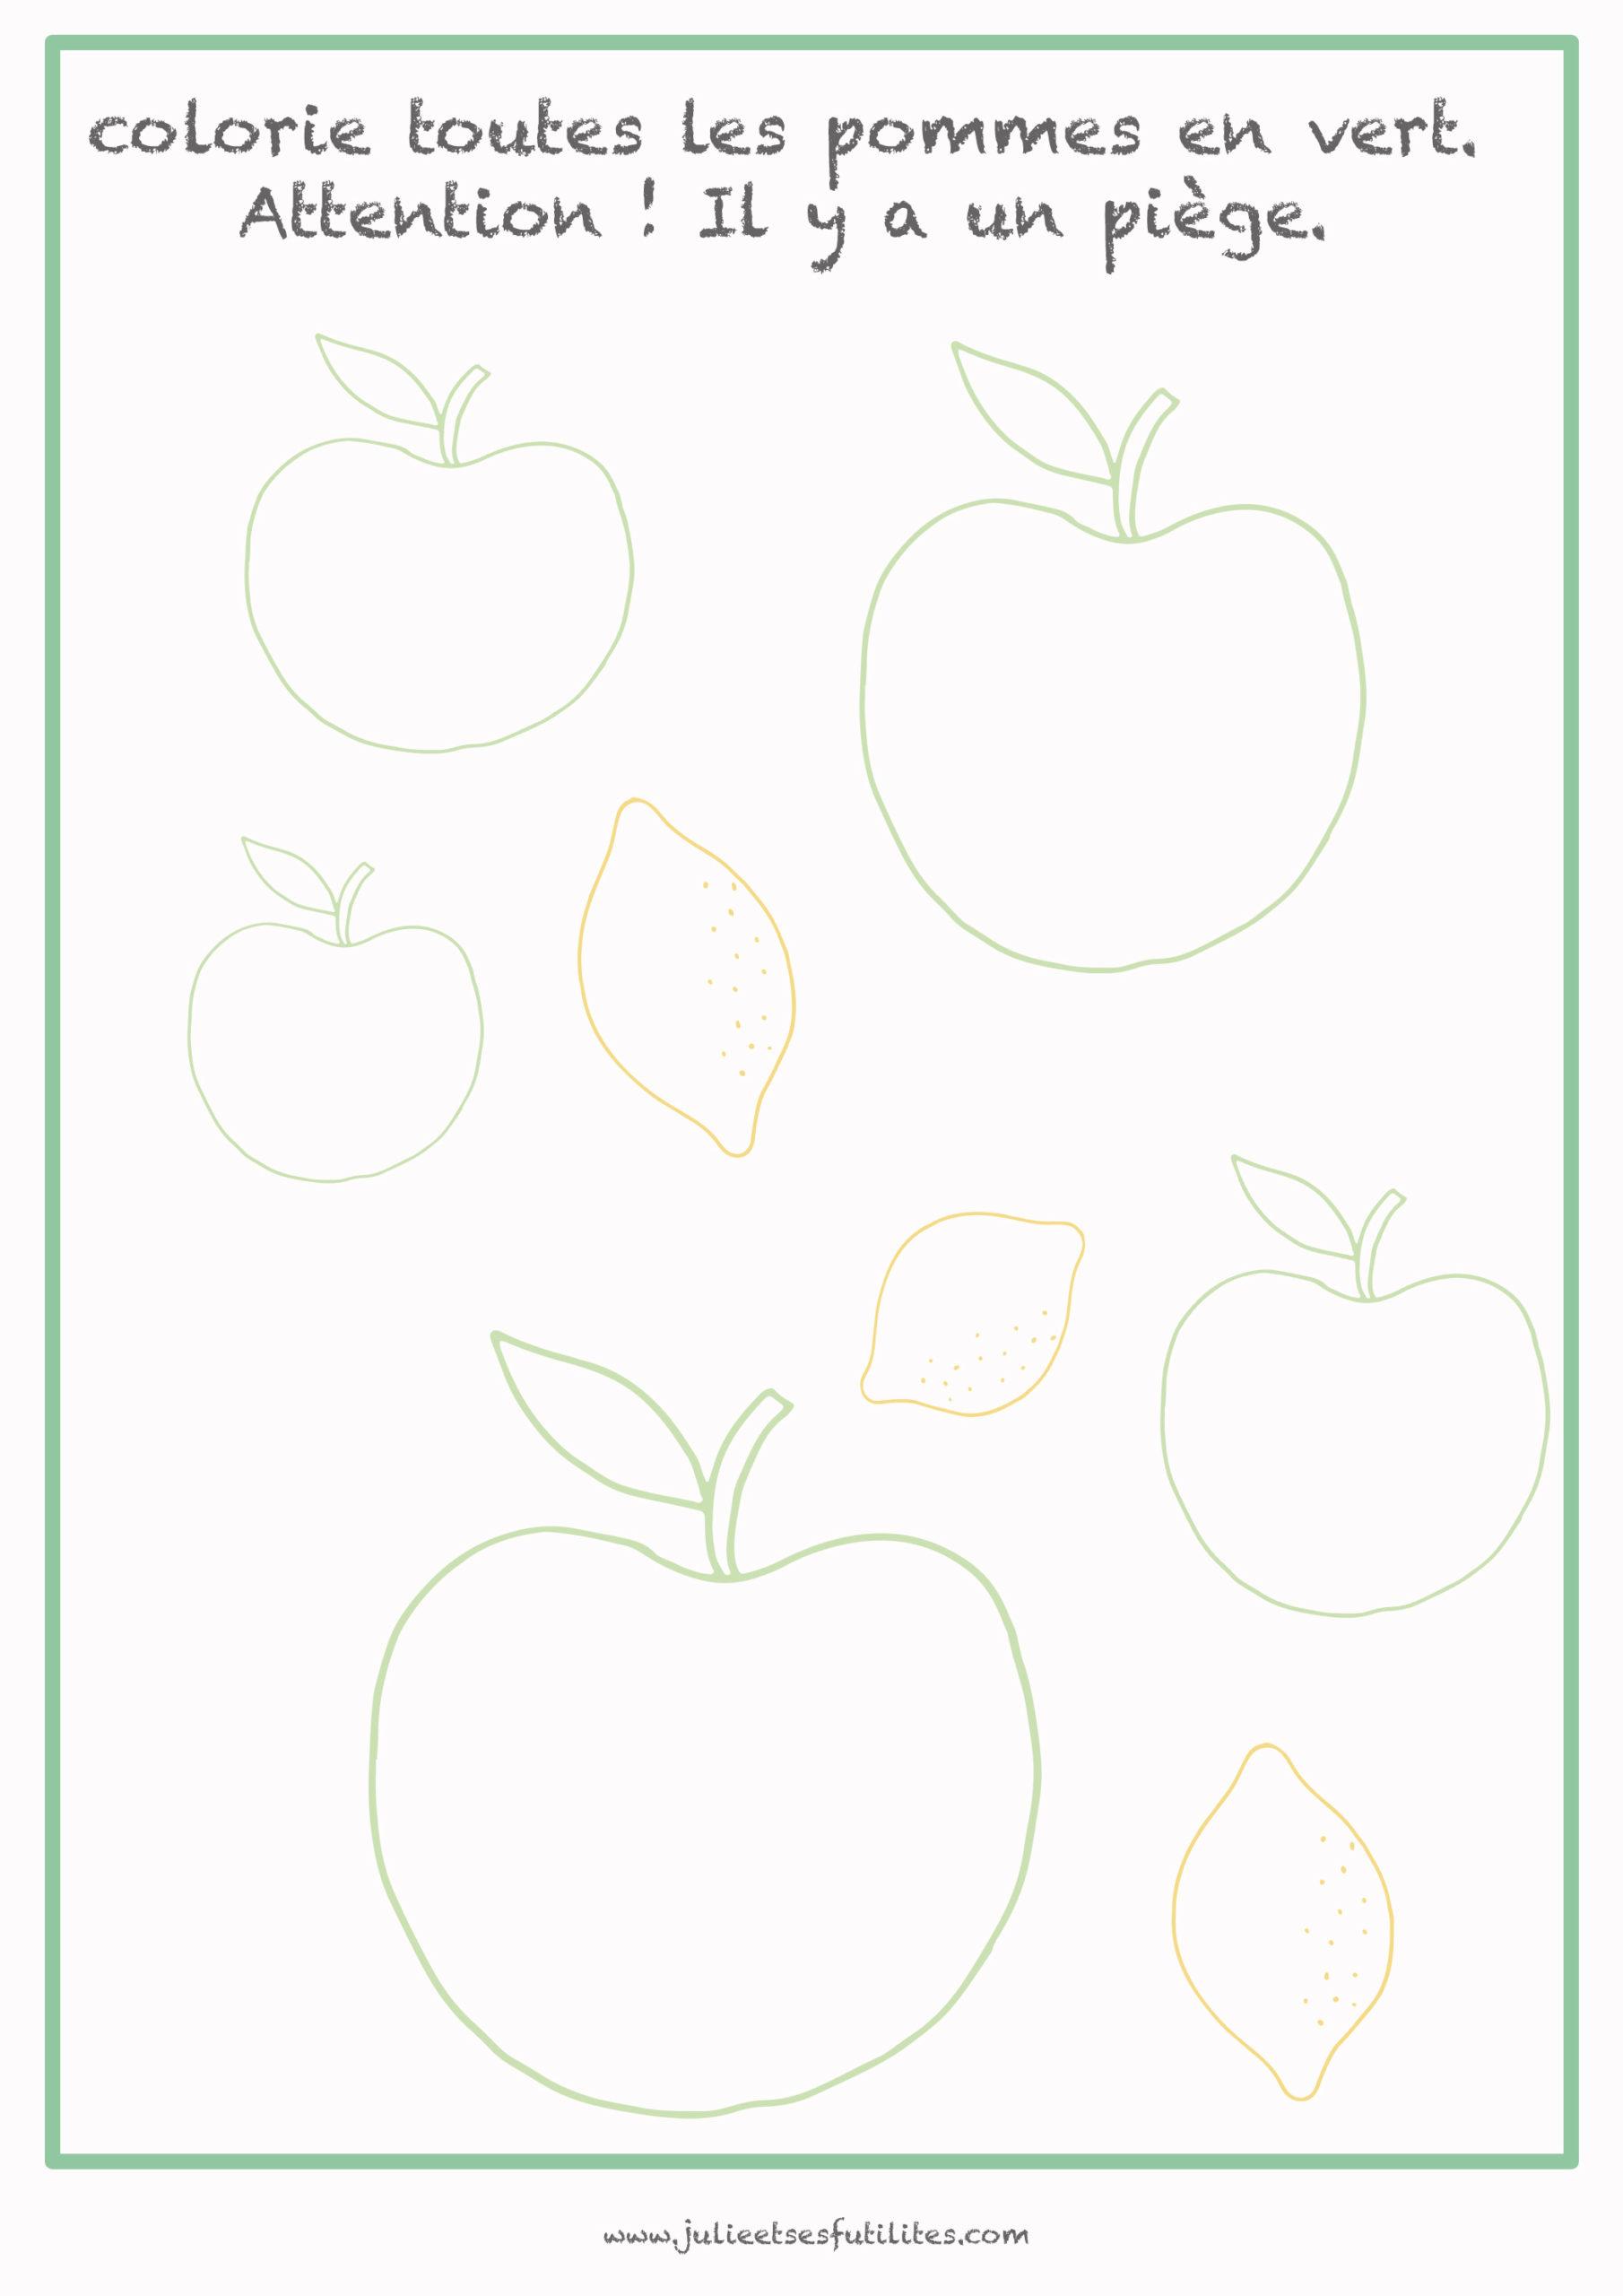 exercice-pomme-verte